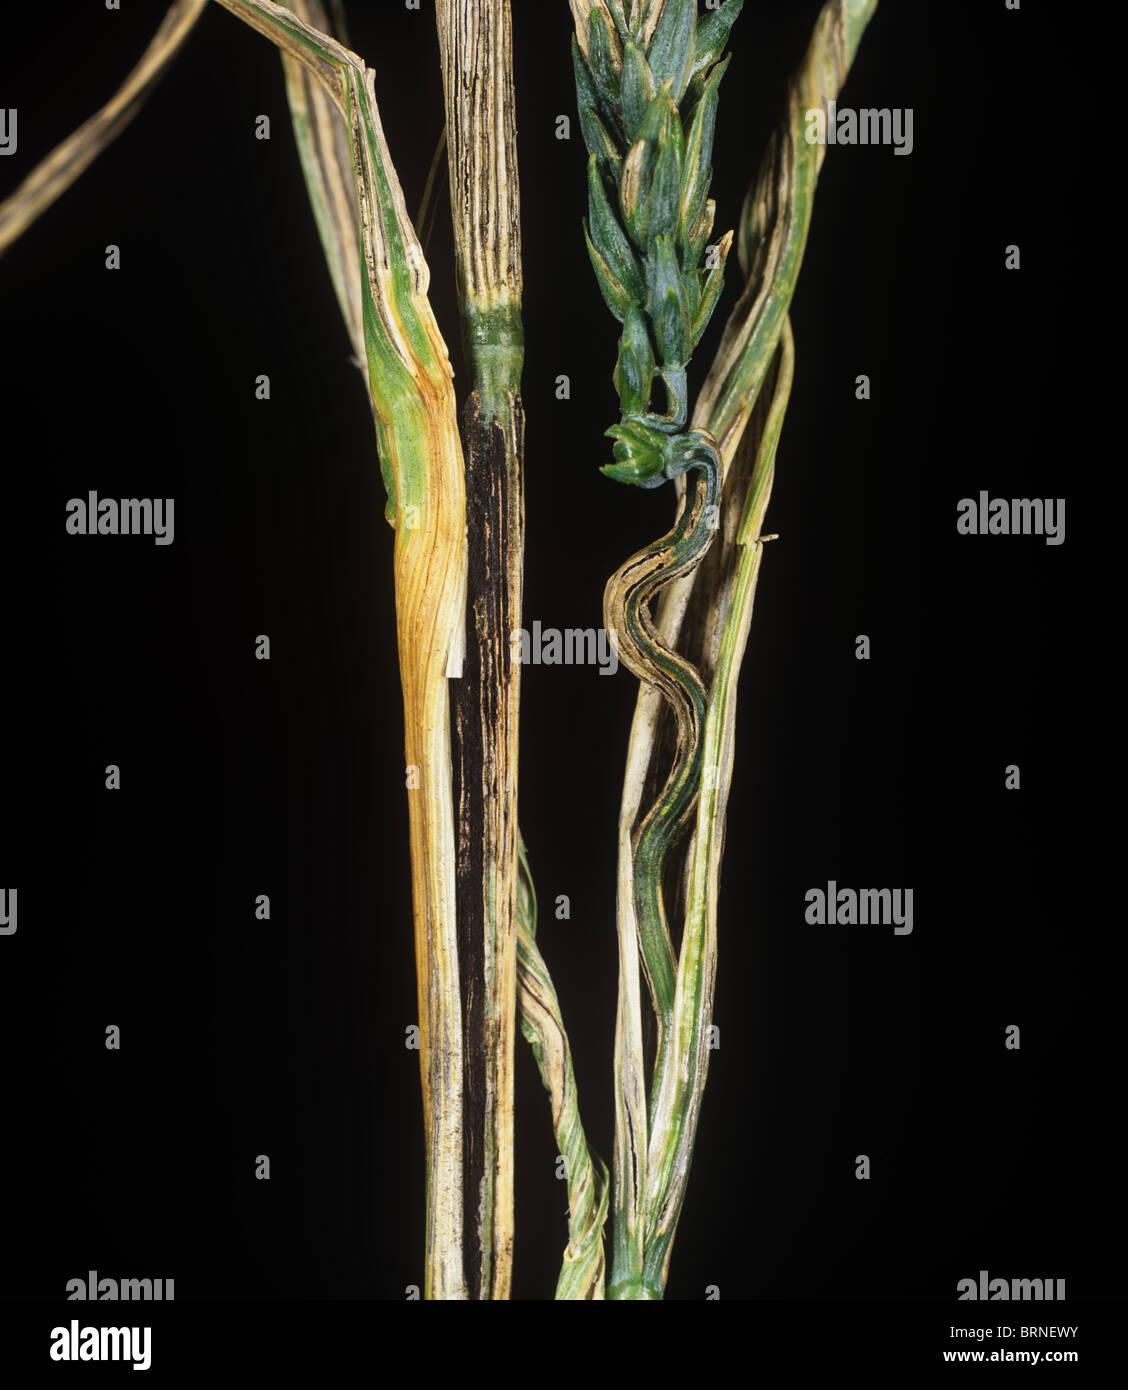 Bandiera granello di fuliggine (Urocystis agropyri) sulla coltivazione di grano bandiera foglia, STATI UNITI D'AMERICA Immagini Stock